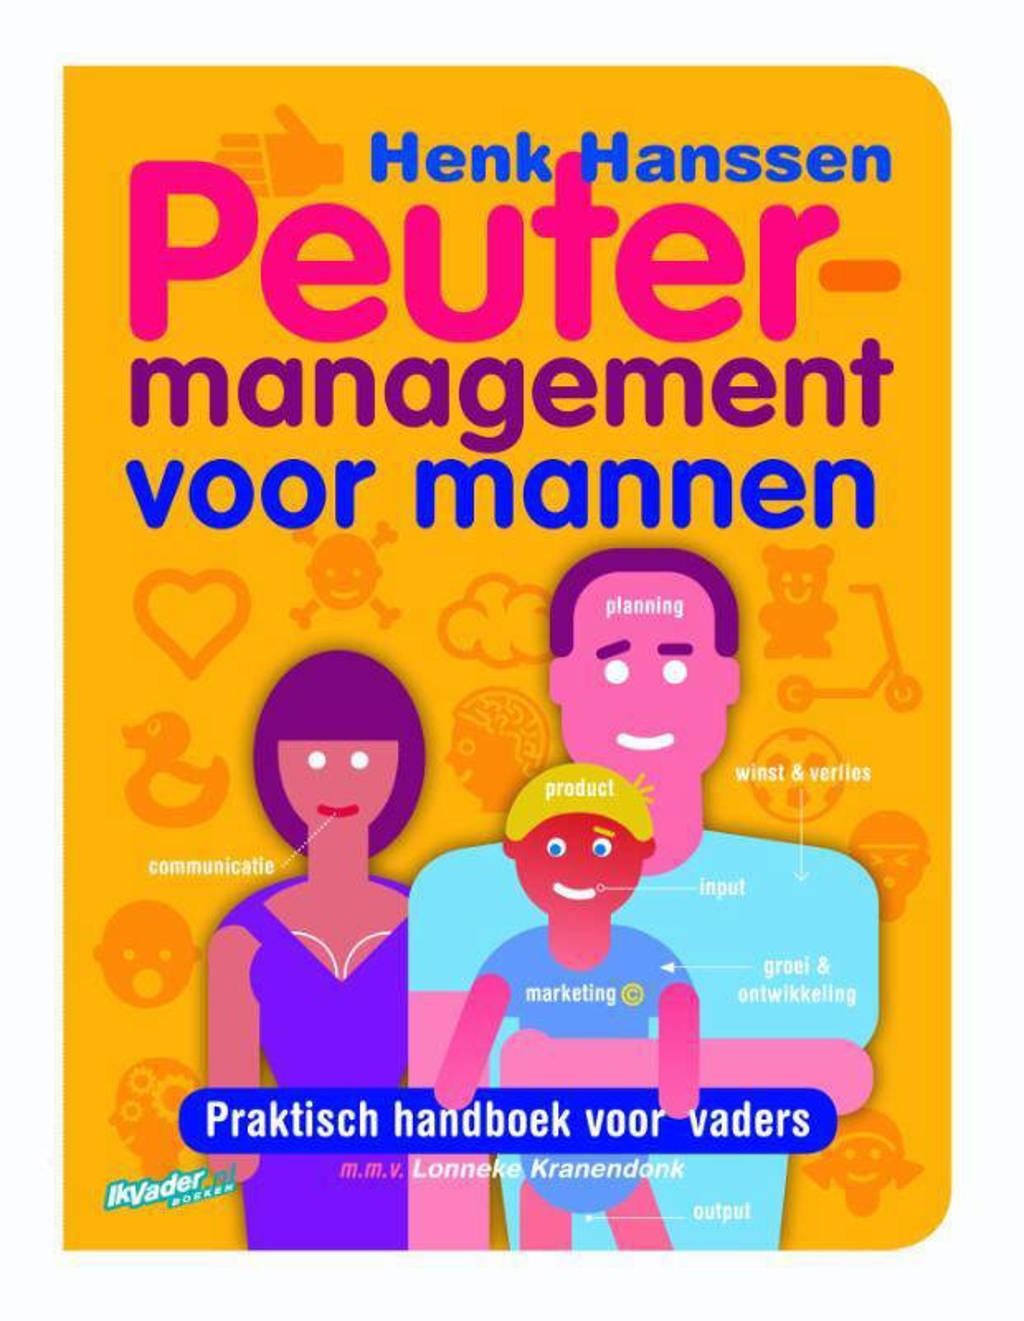 Peutermanagement voor mannen - Henk Hanssen